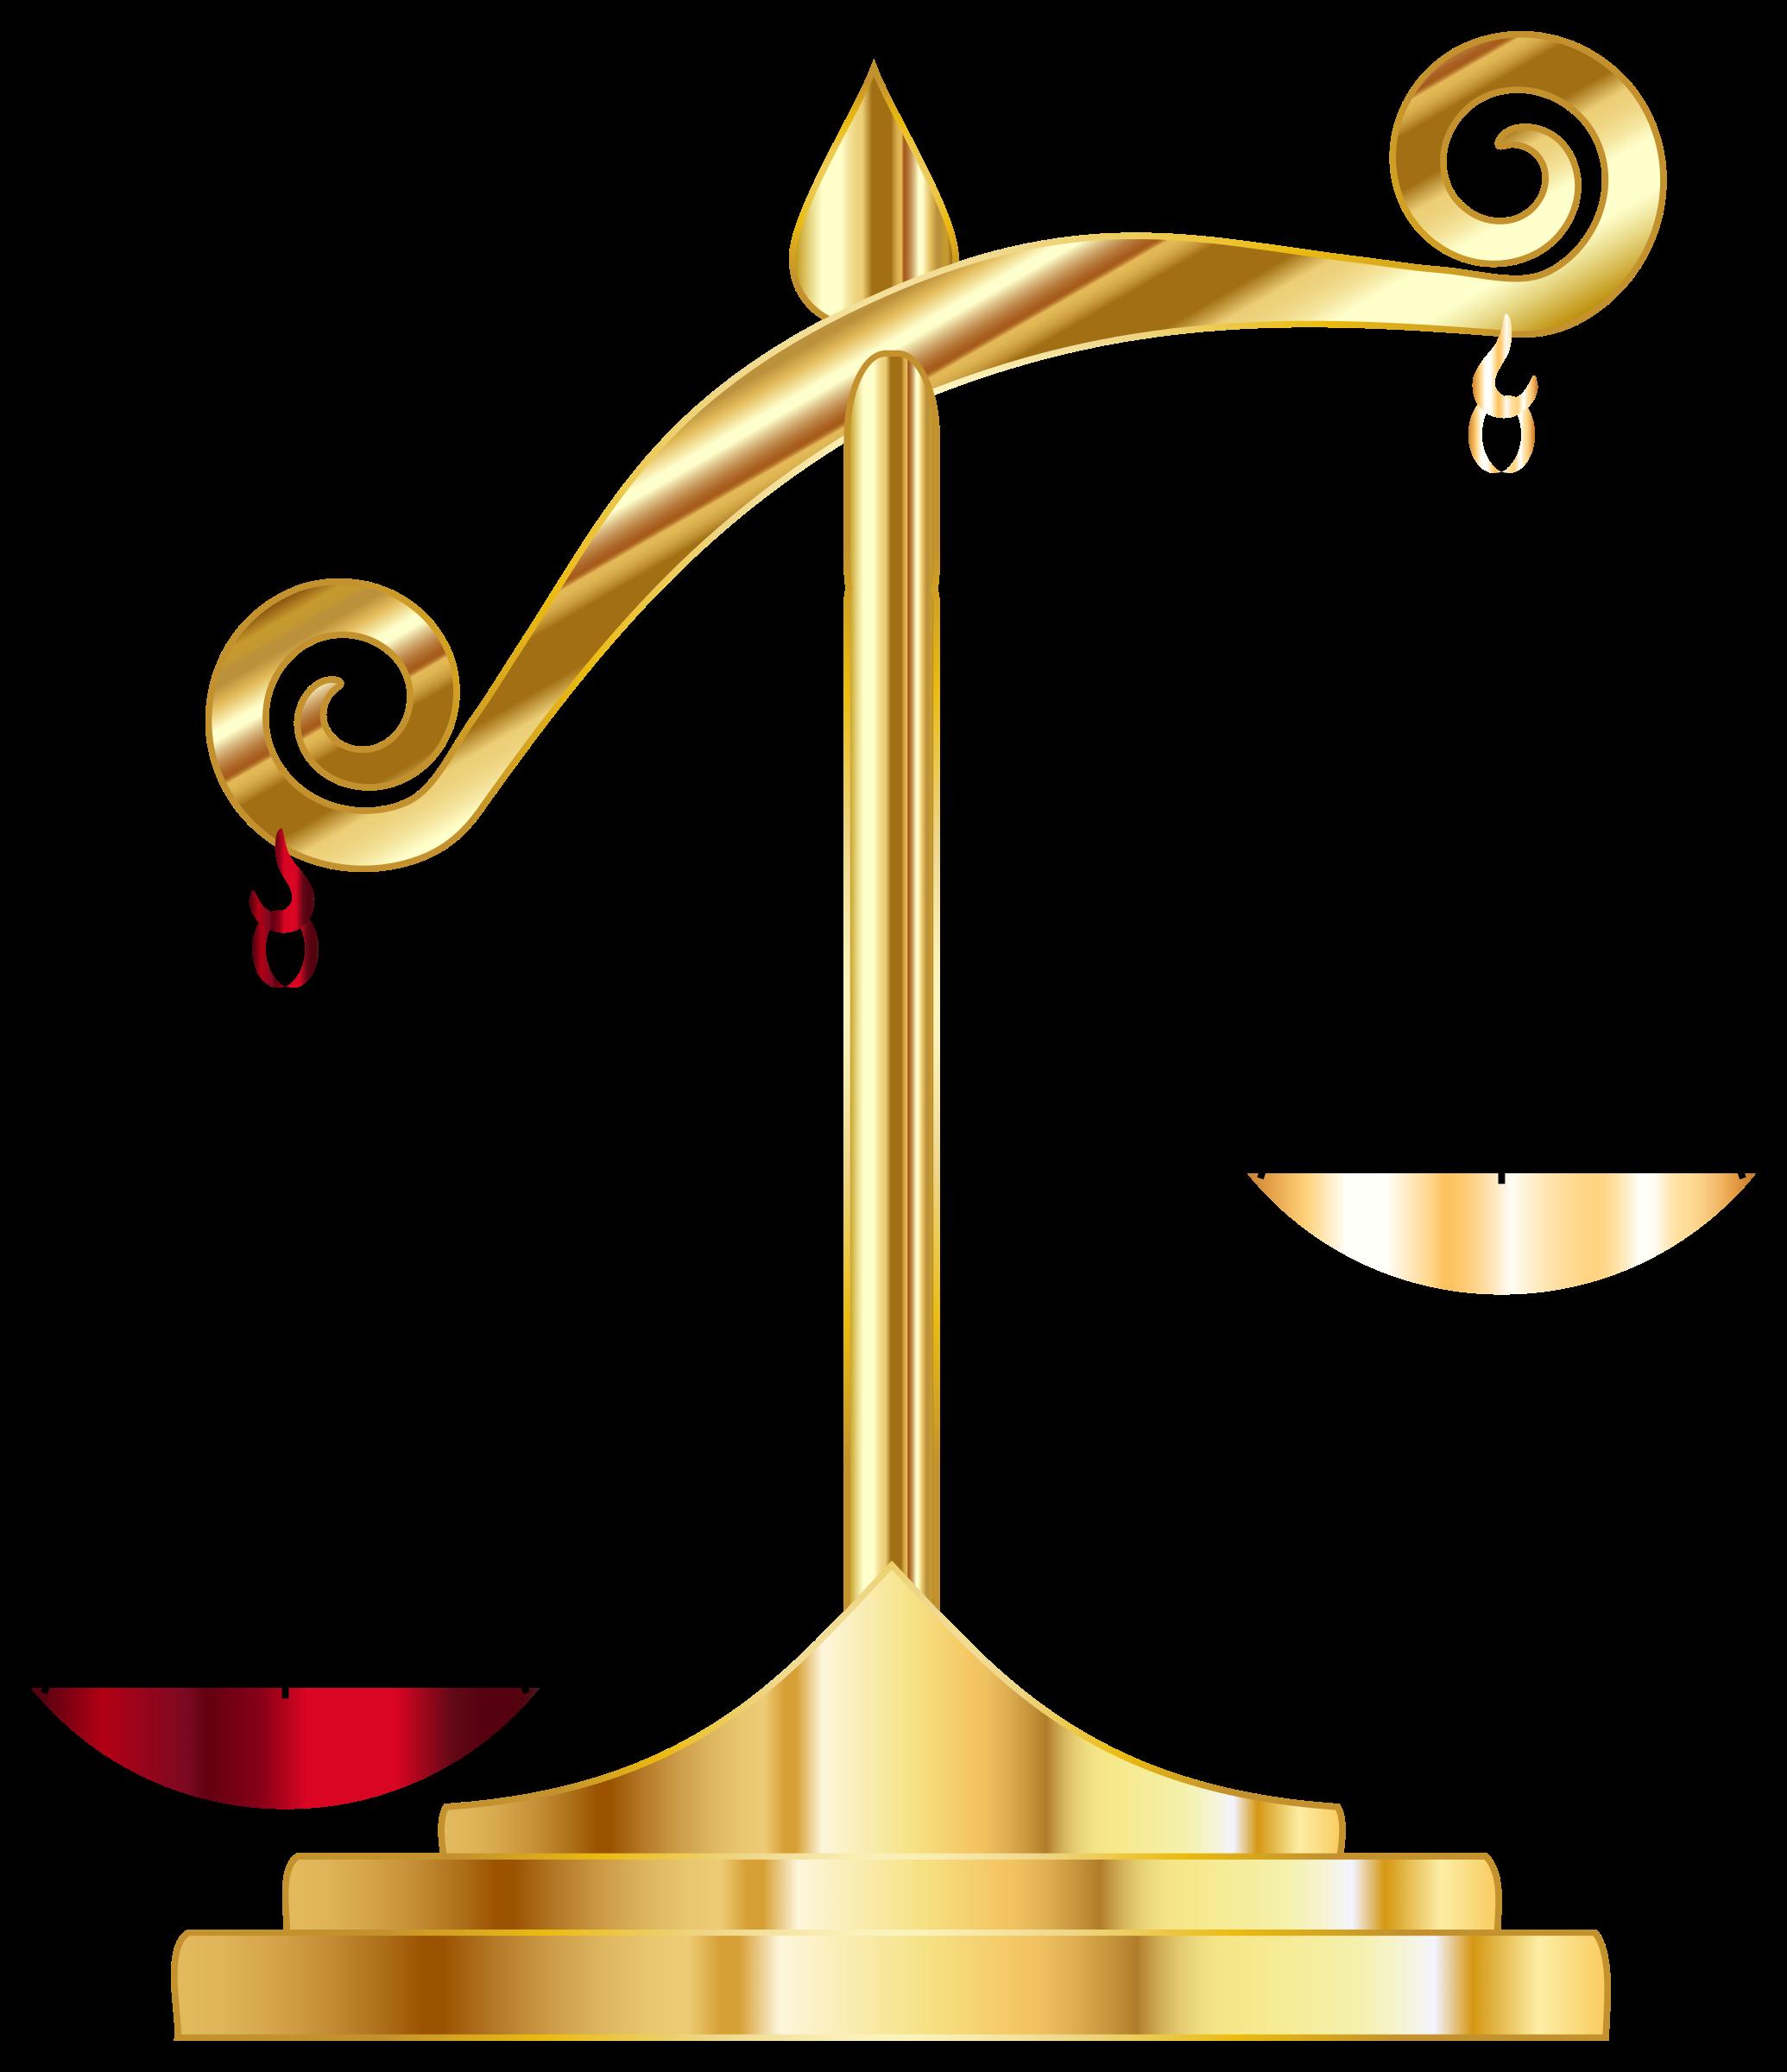 Laws clipart balance scale. Png transparent images pluspng